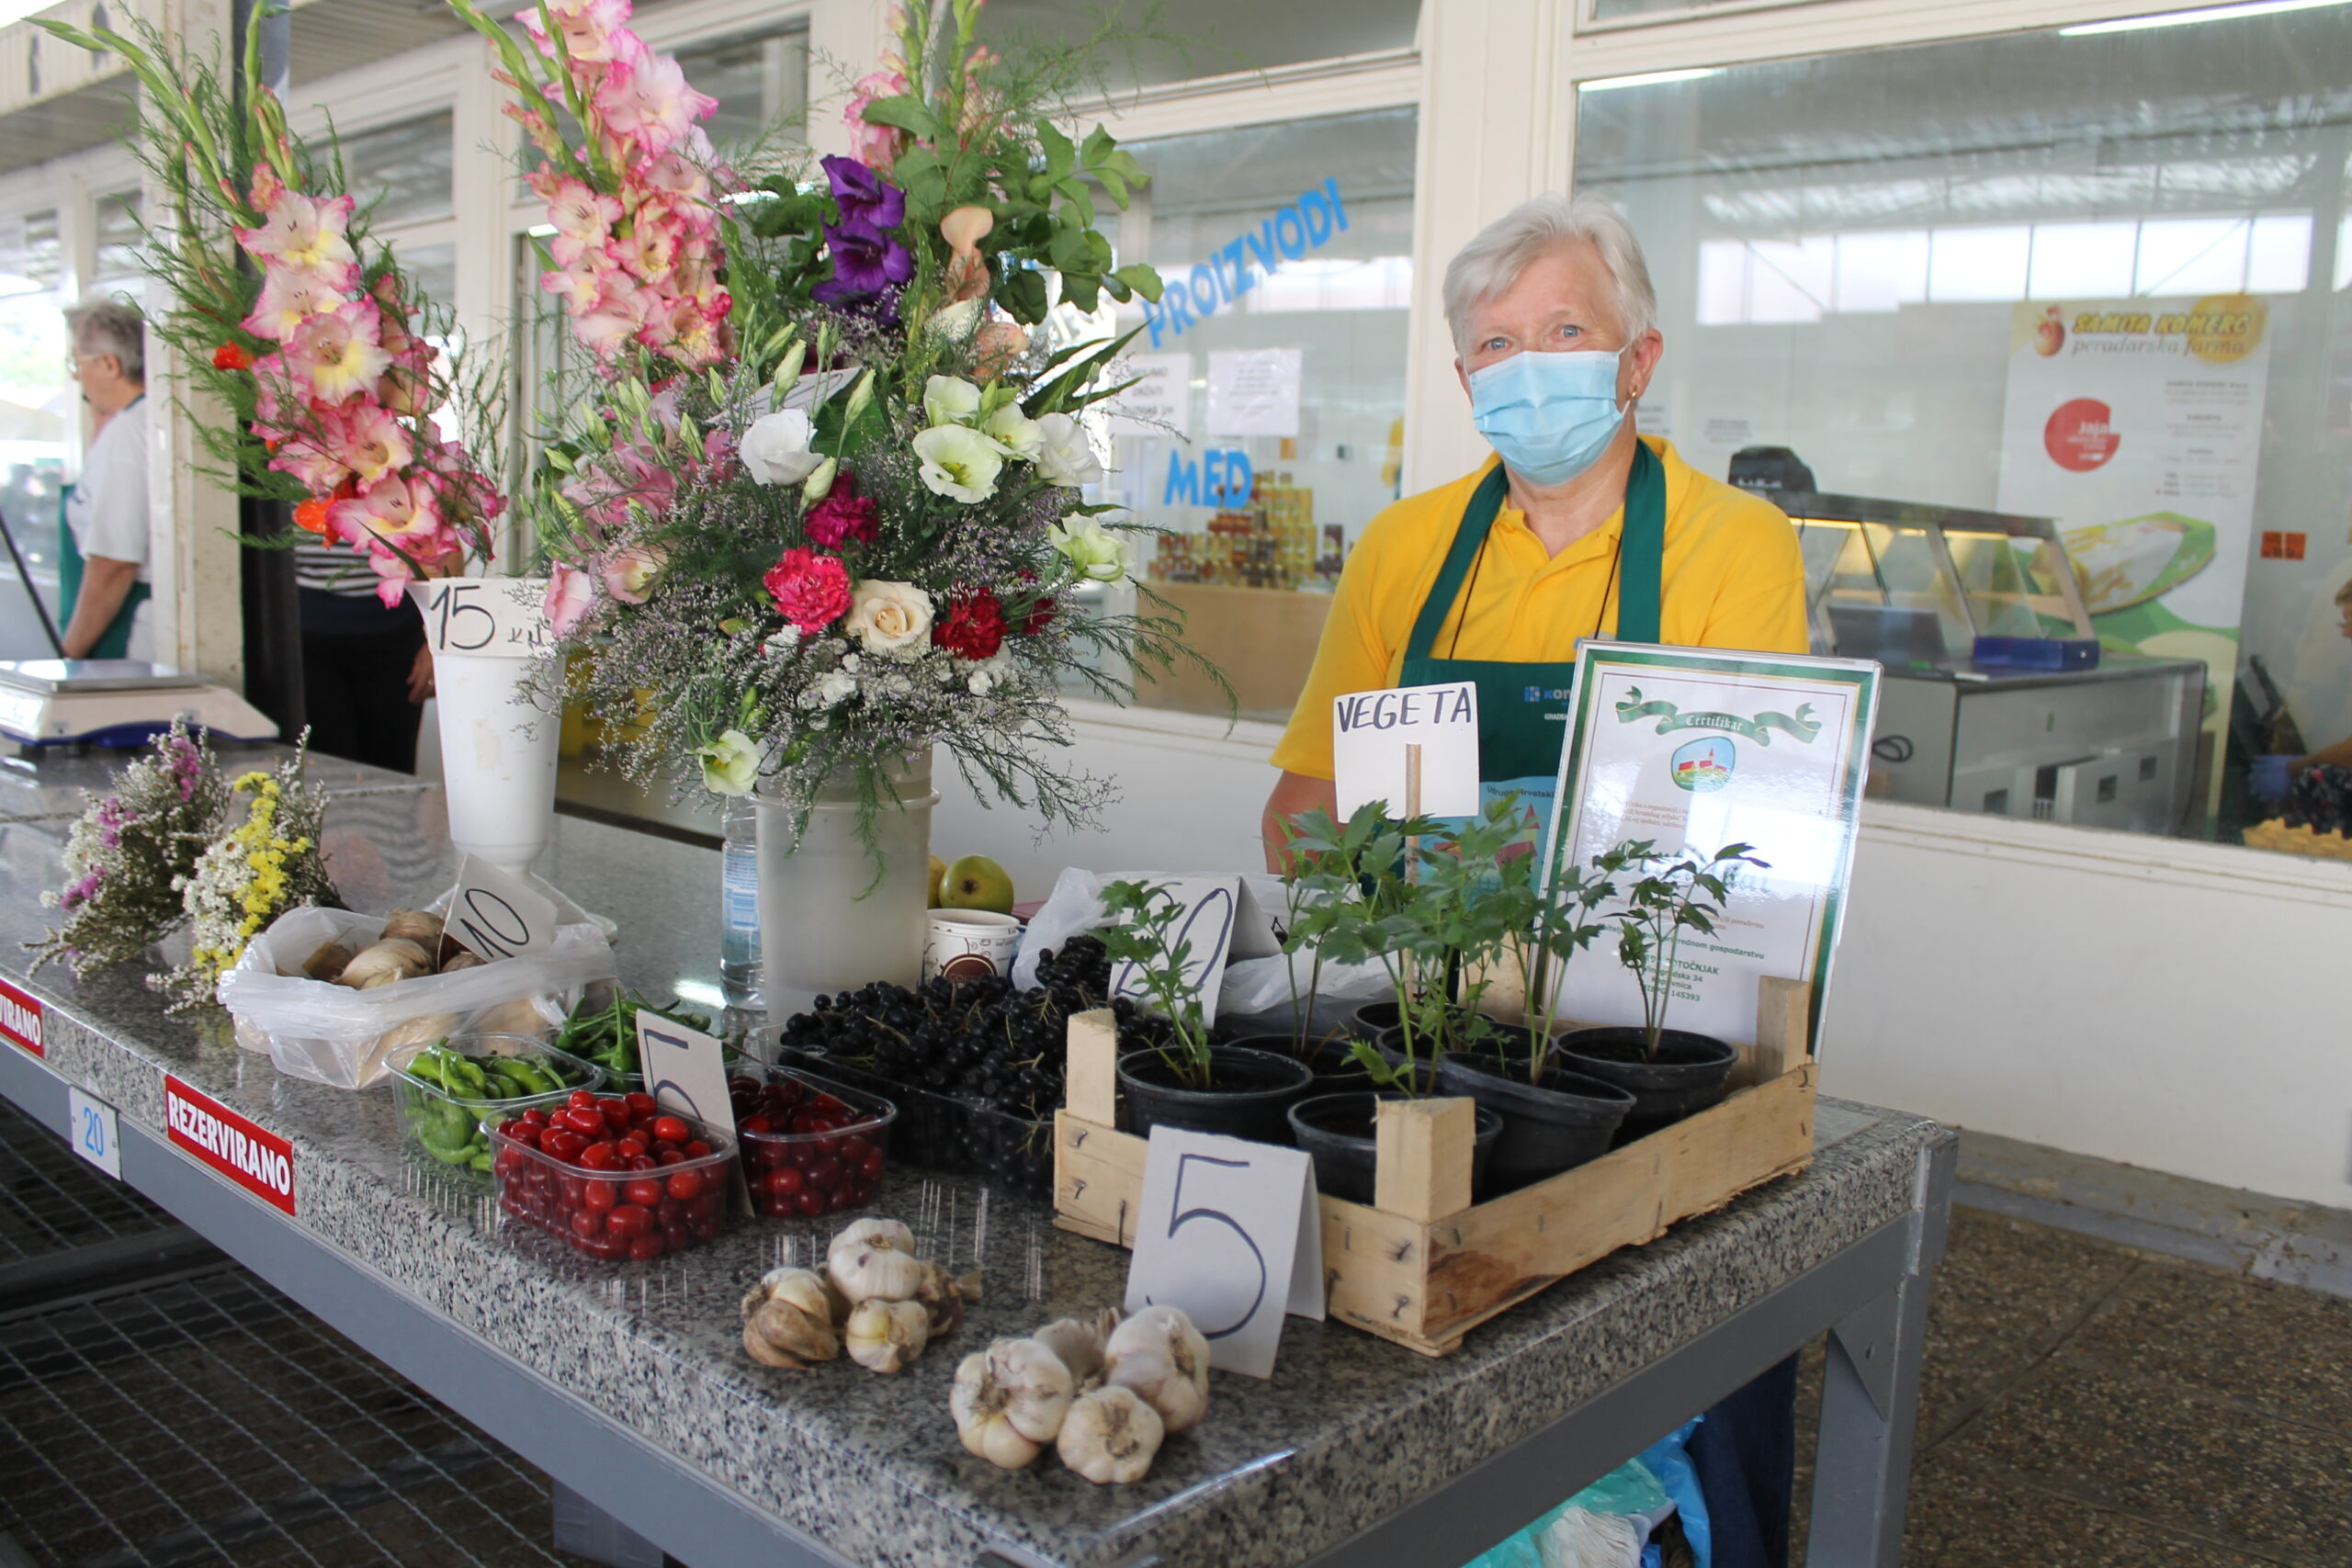 Đurđa Potočnjak specijalizirala se za voće i cvijeće